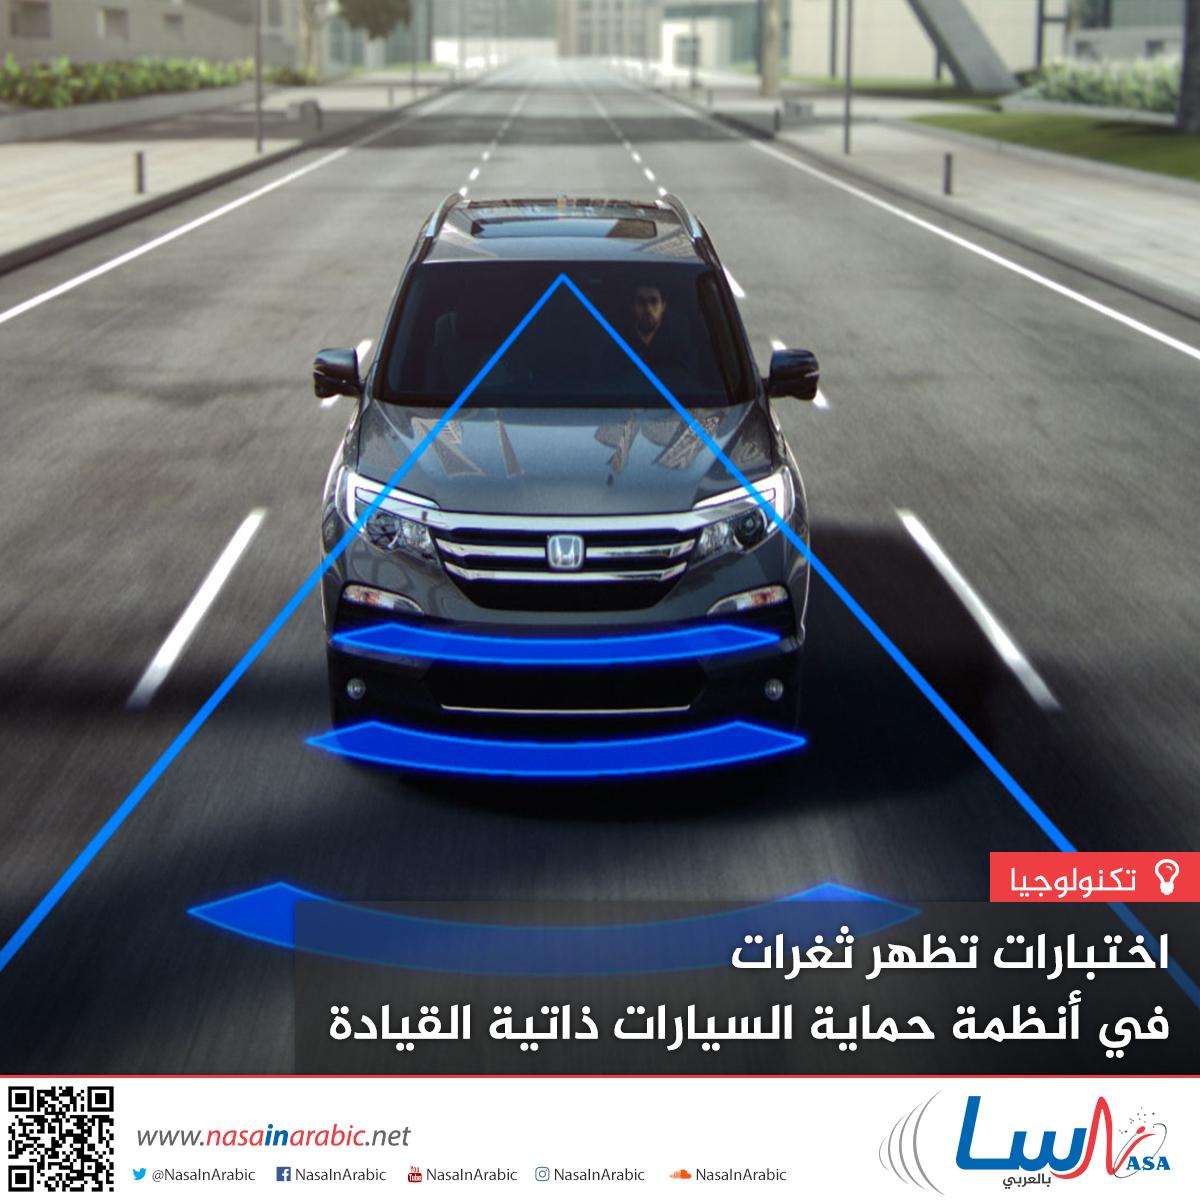 اختبارات تظهر ثغرات في أنظمة حماية السيارات ذاتية القيادة